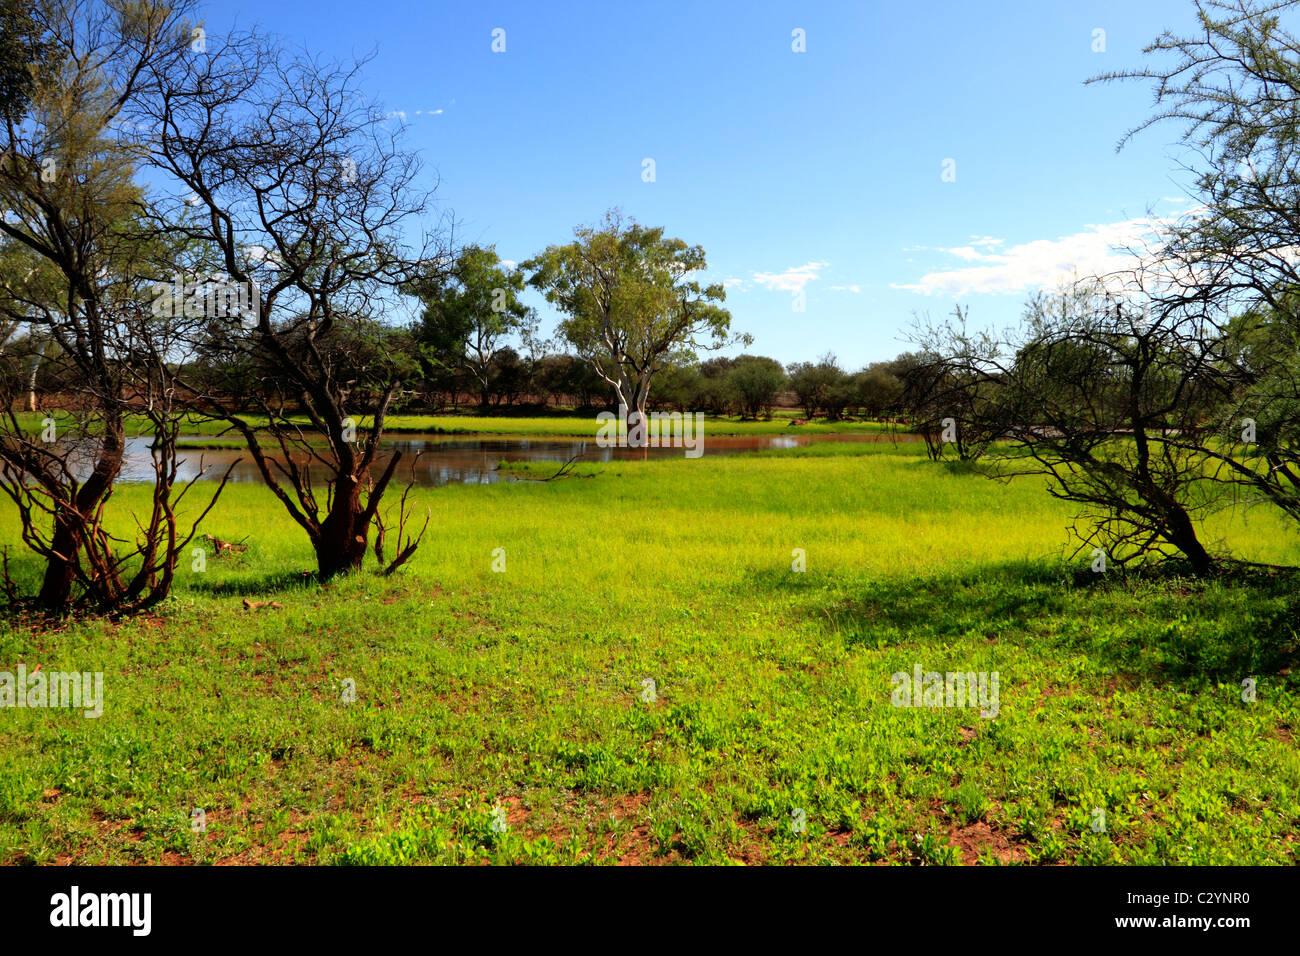 Eucalyptus tree landscape and water puddles, Pilbara Northwest Australia - Stock Image